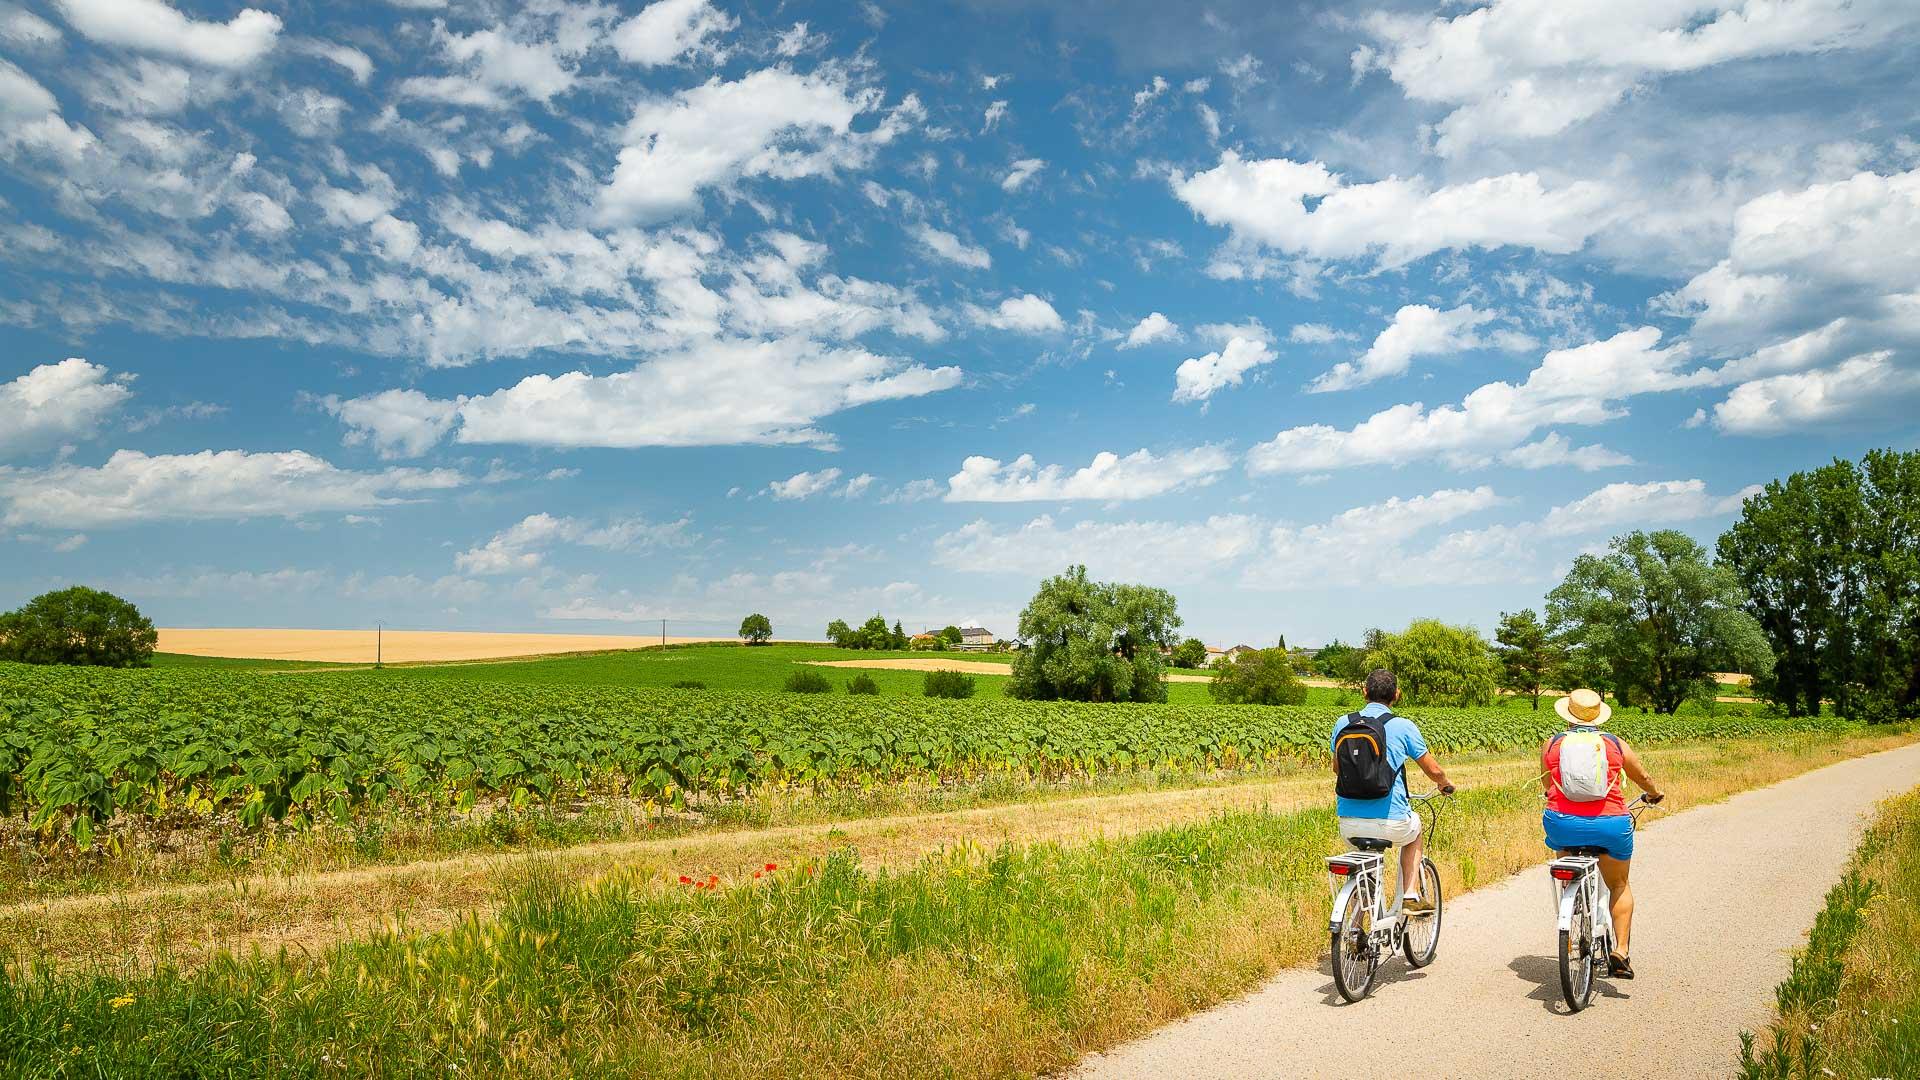 En roue libre : la voie verte Richelieu-Chinon